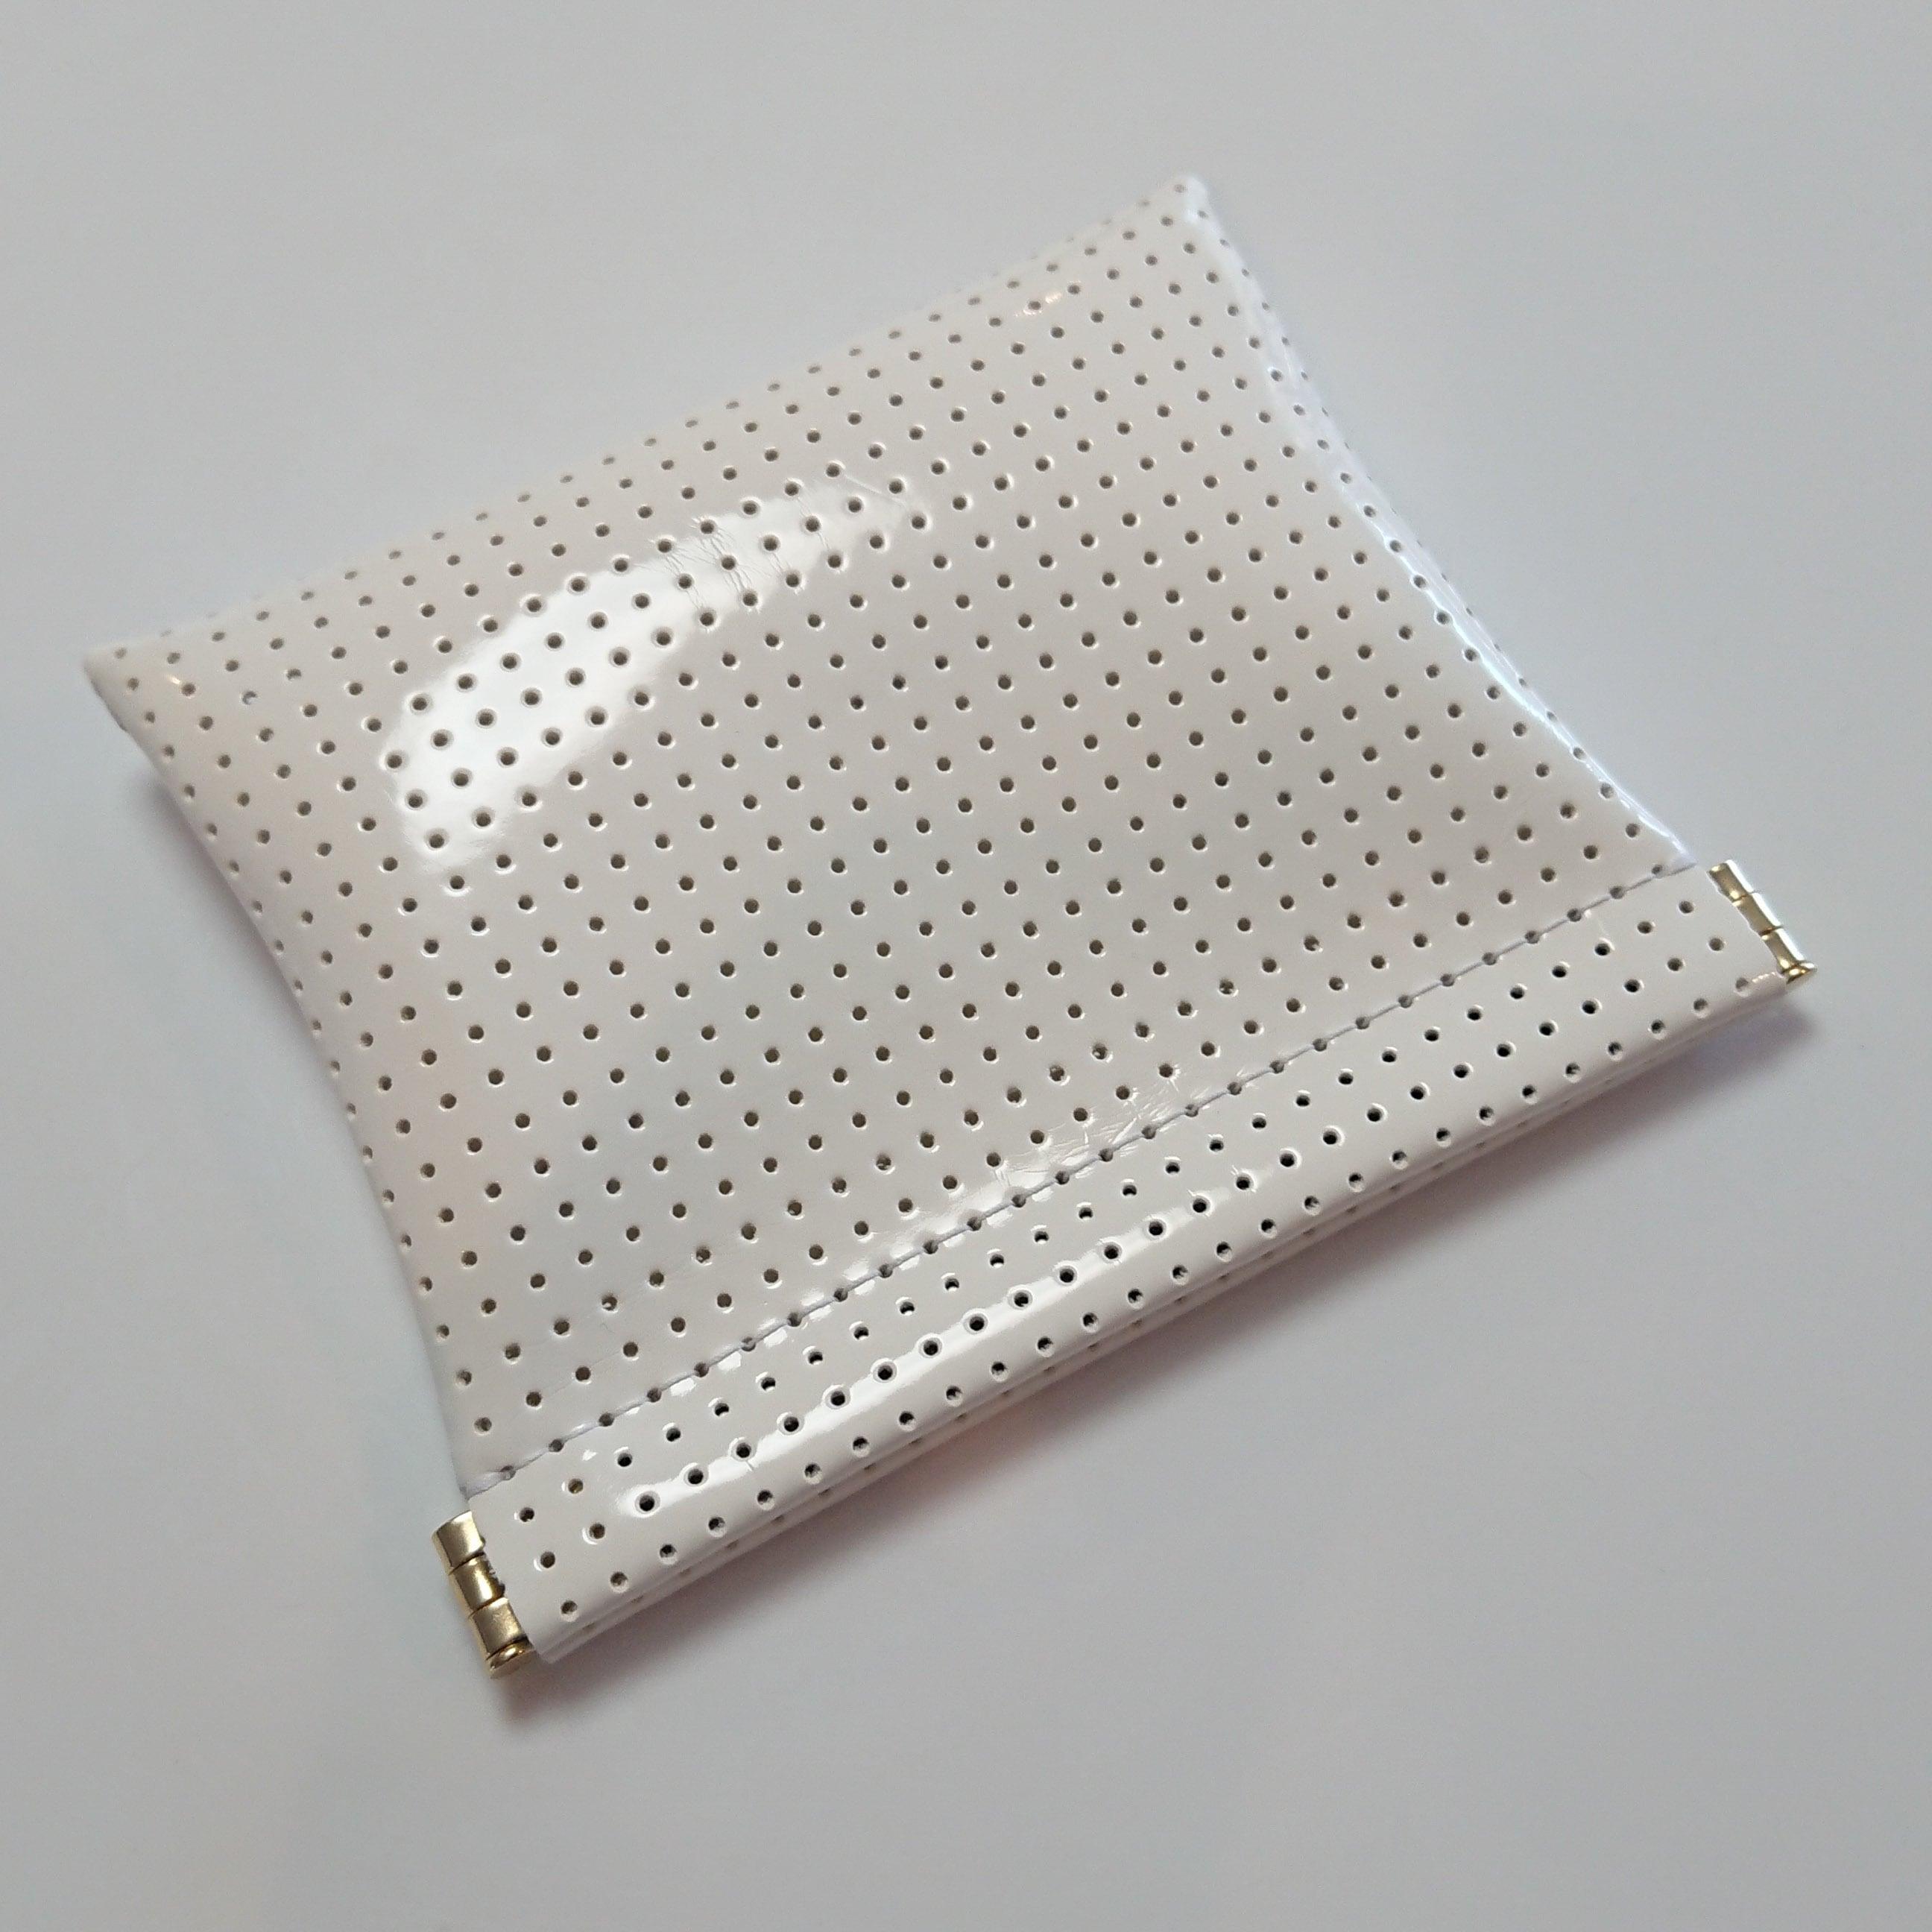 OSORO ポーチ ☆ ミルク 薄い財布 ティーケース